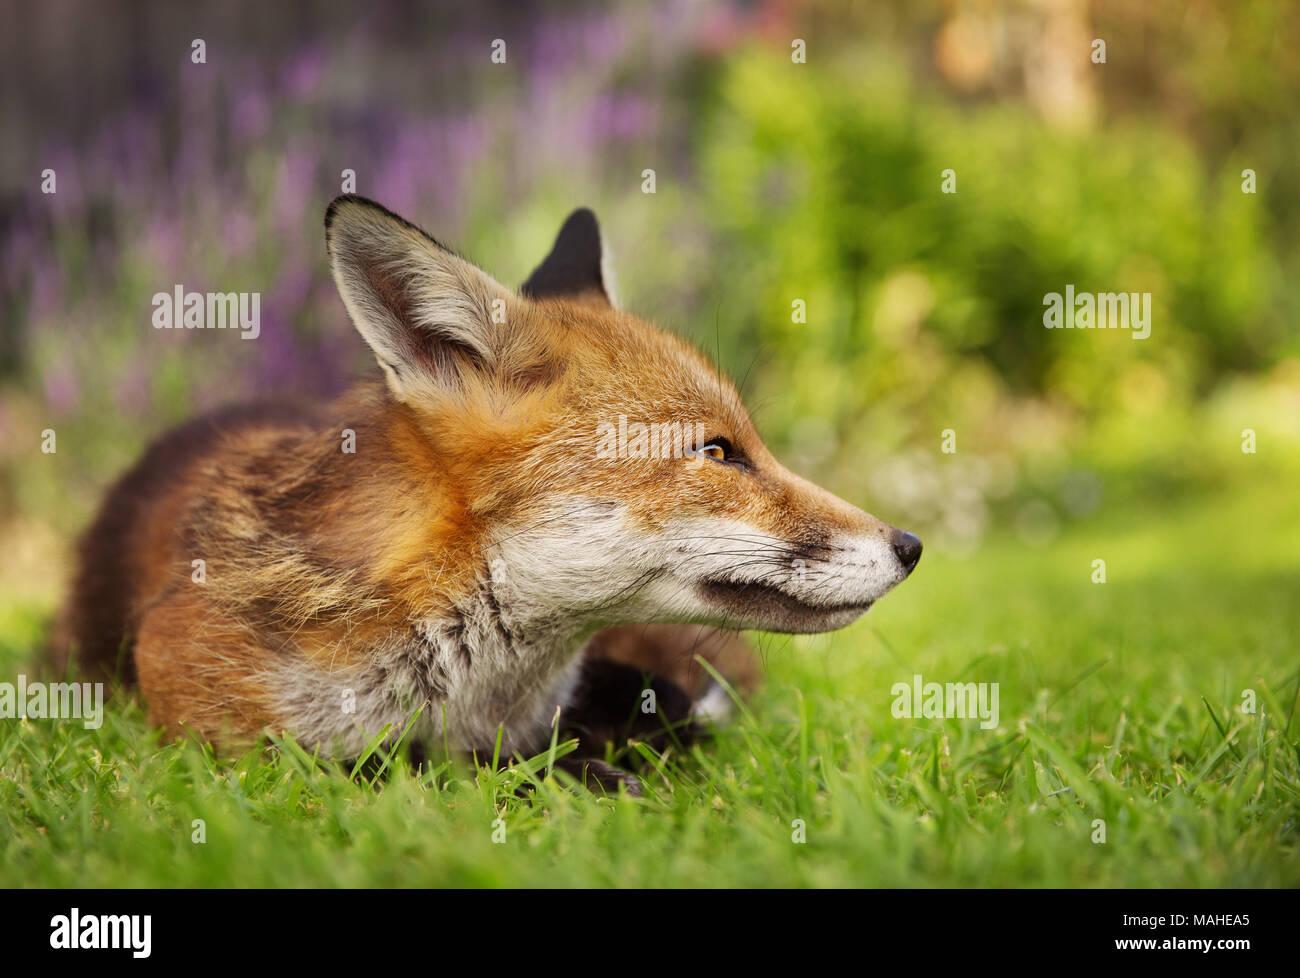 Red Fox giacente nel giardino con fiori, estate nel Regno Unito. Immagini Stock